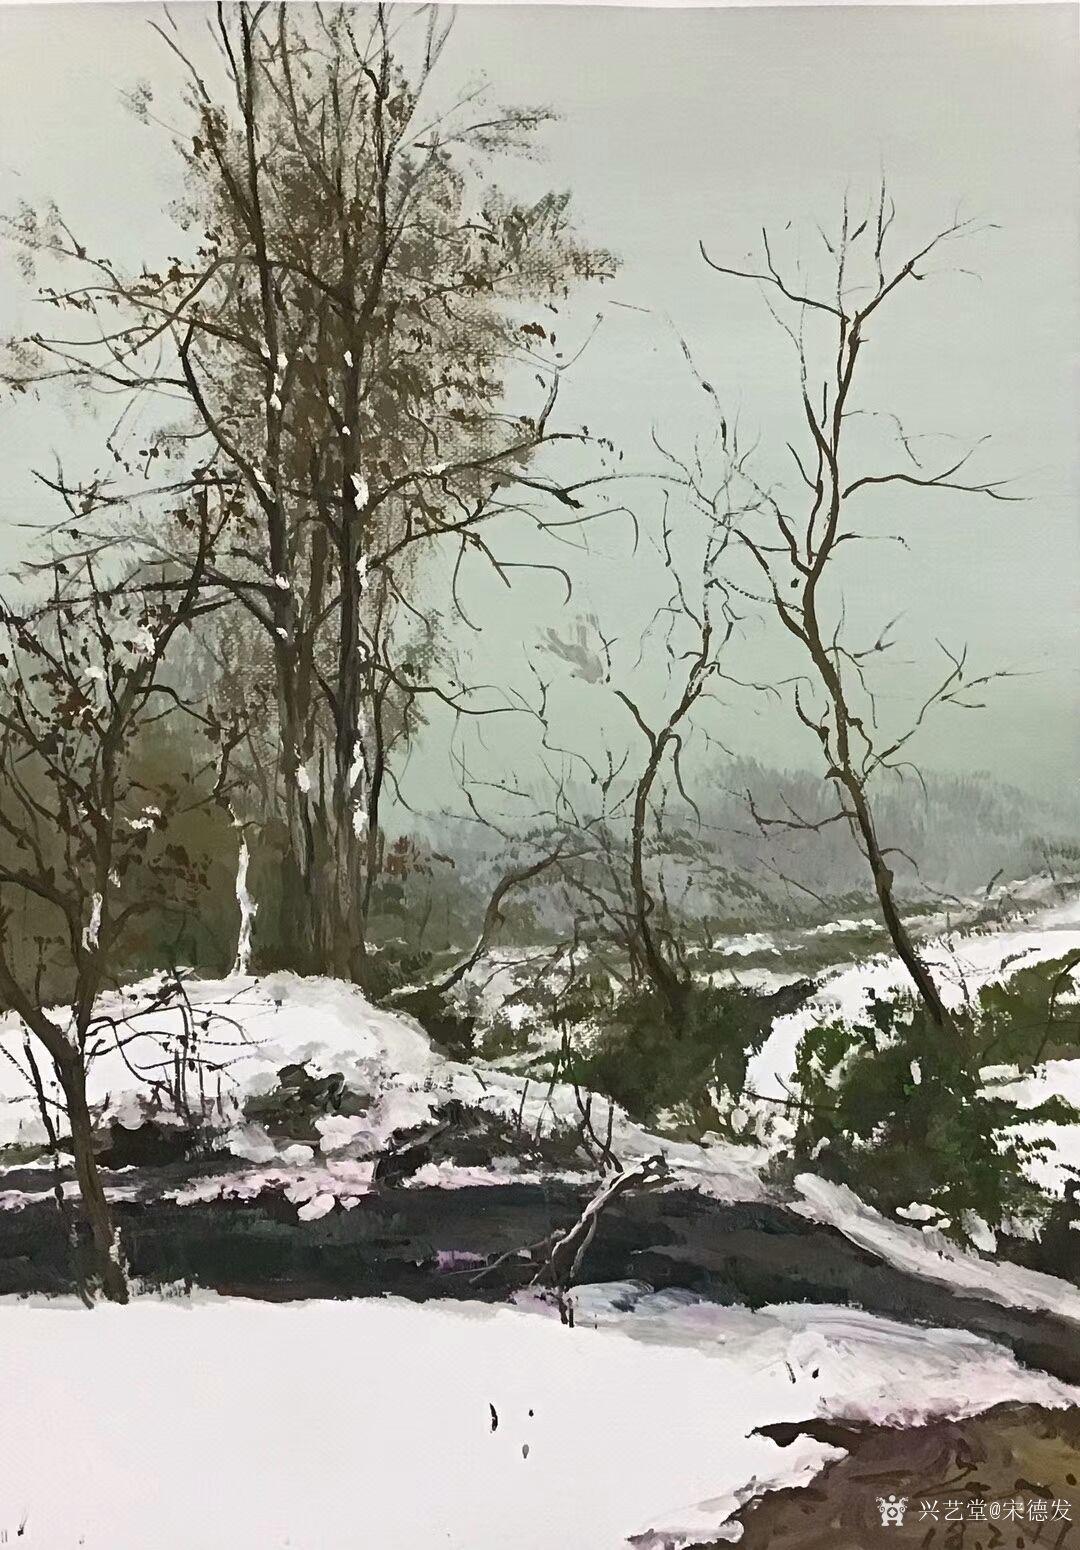 宋德发油画作品《傲立冬雪》